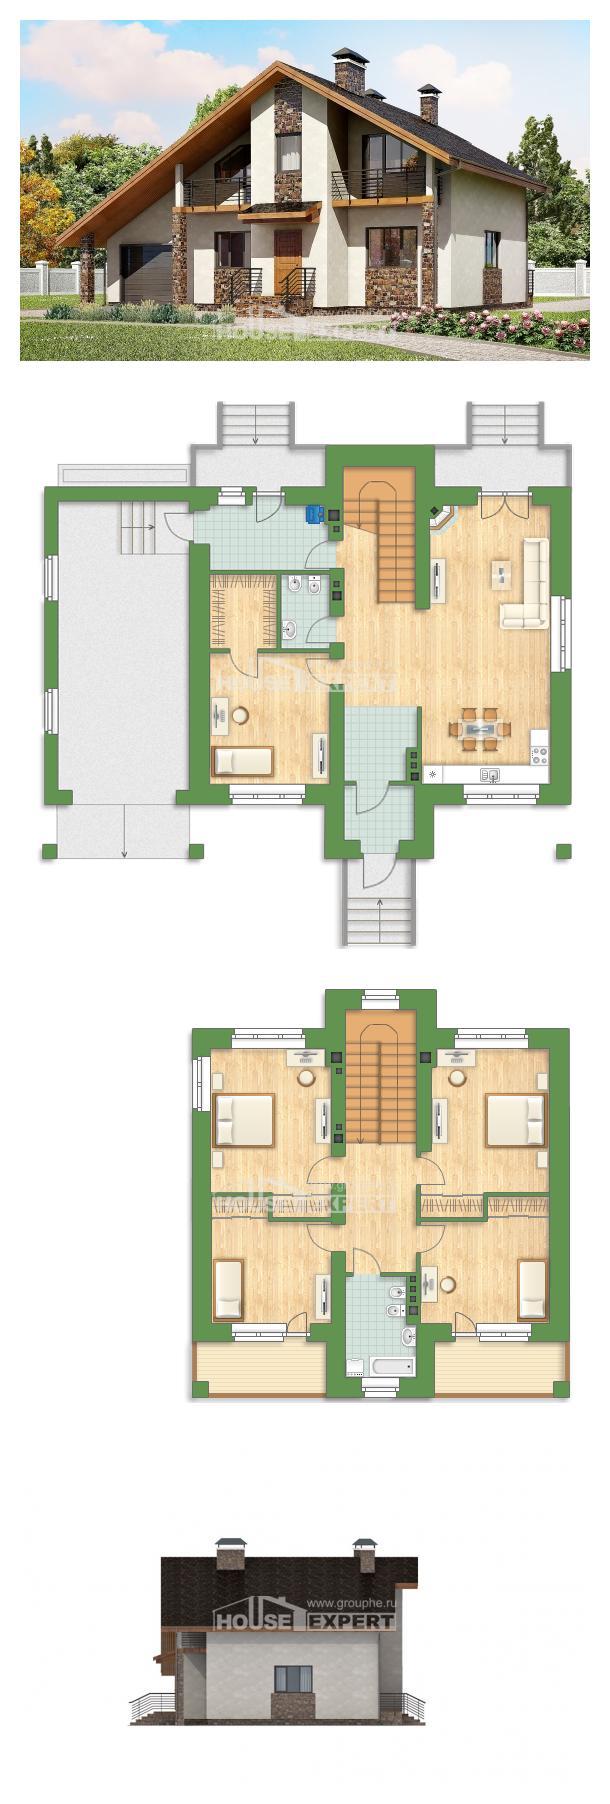 خطة البيت 180-008-L   House Expert